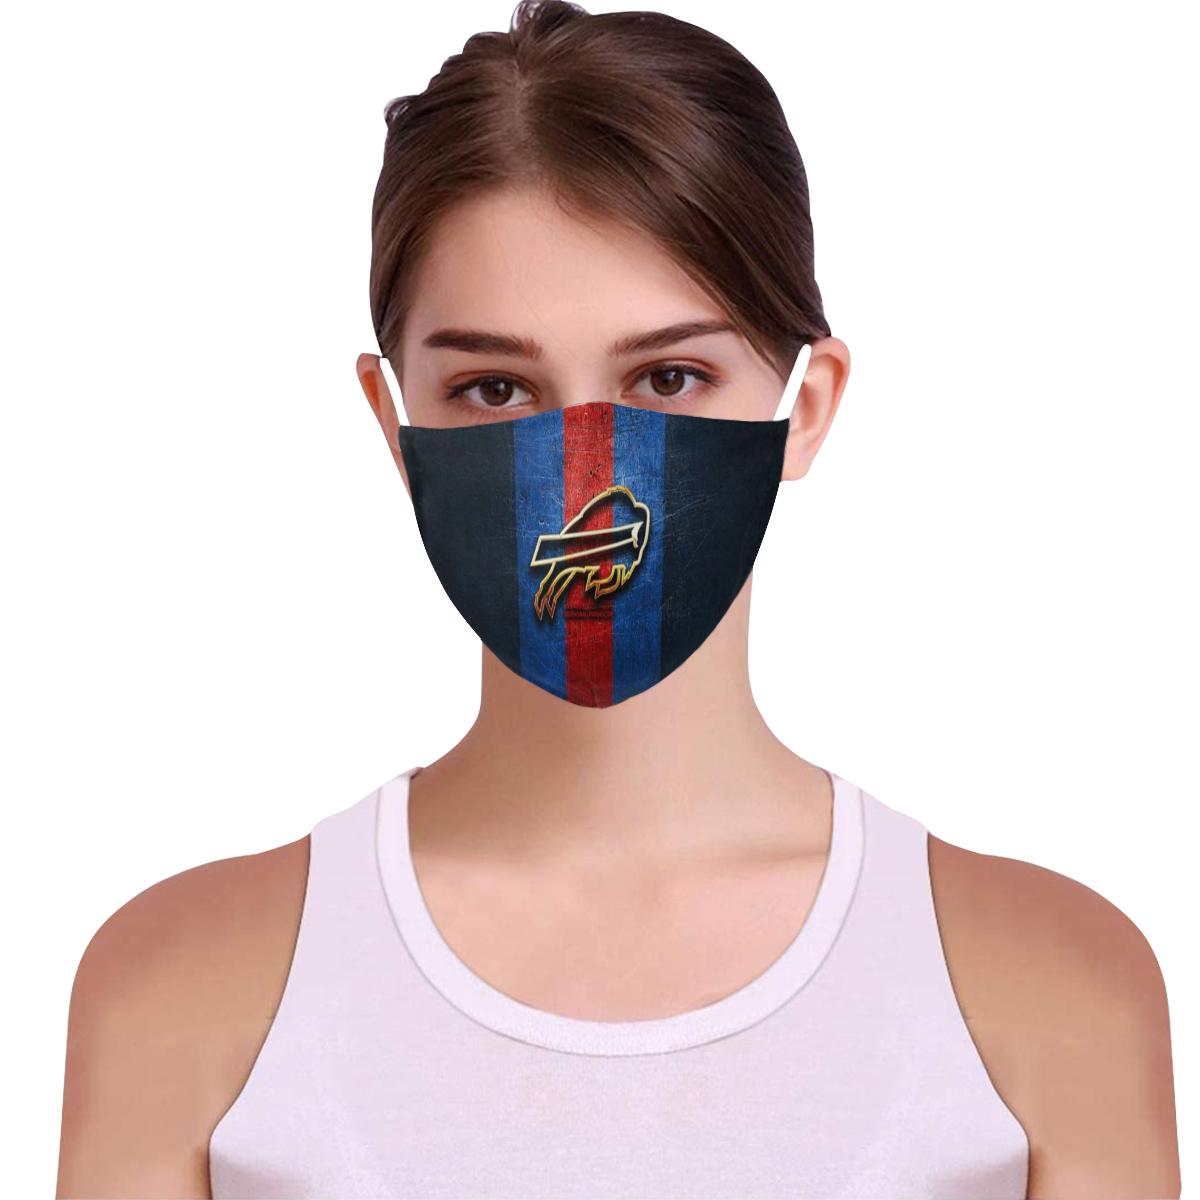 Buffalo Bills New Fashion Face Mask